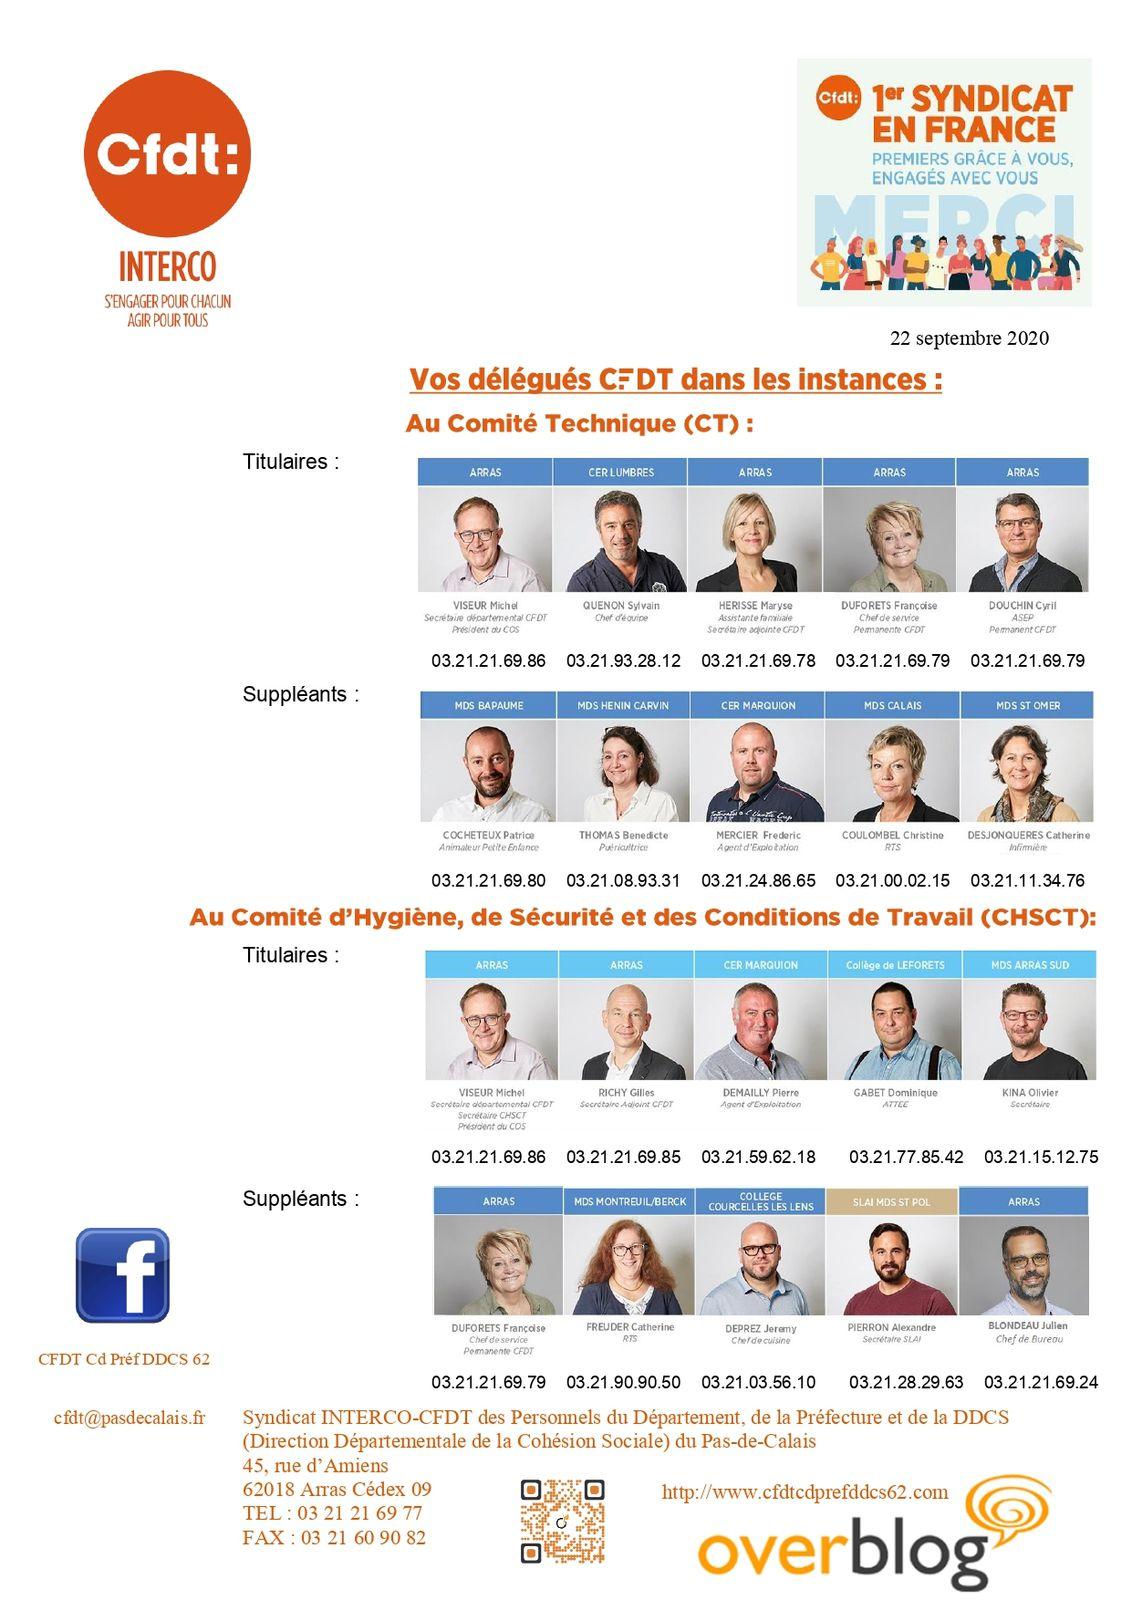 Bienvenu à Alexandre Pierron en sa qualité de membre CFDT du CHSCT!